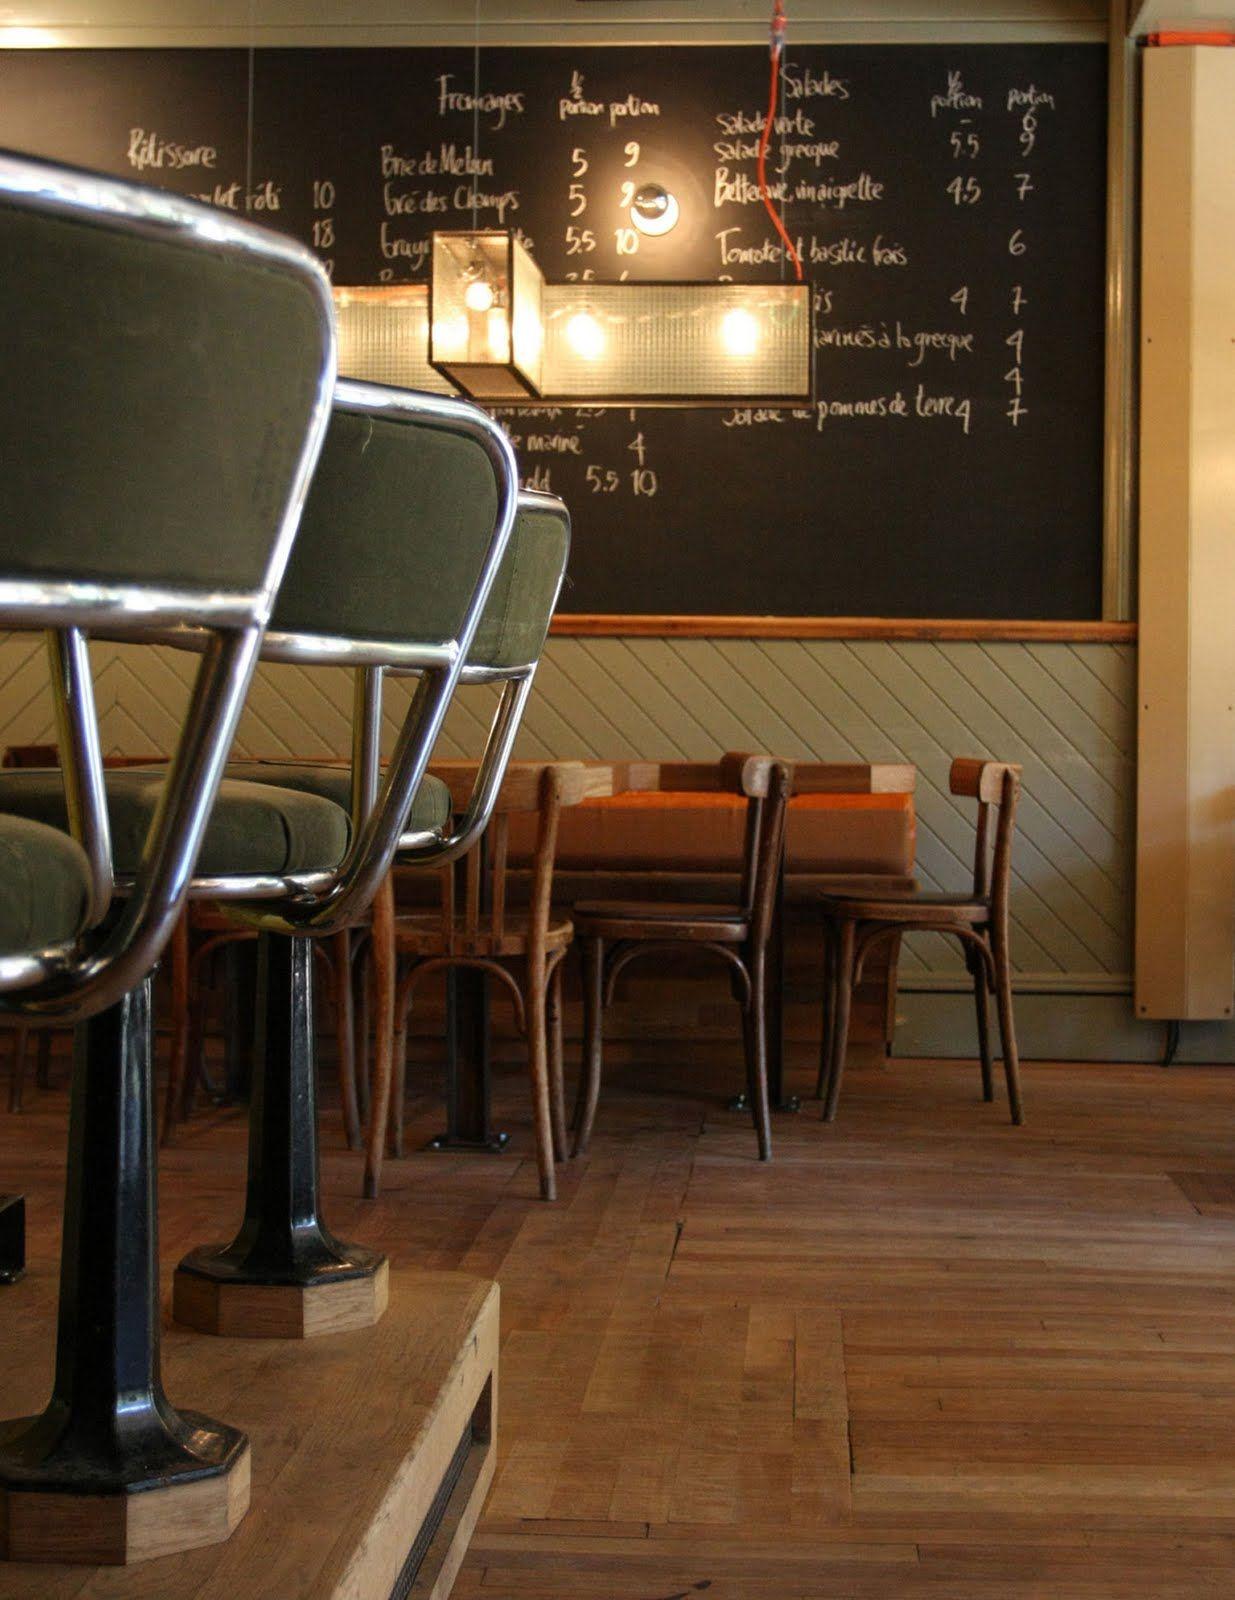 Buvette chez Simone, a secret spot Montreal locals love